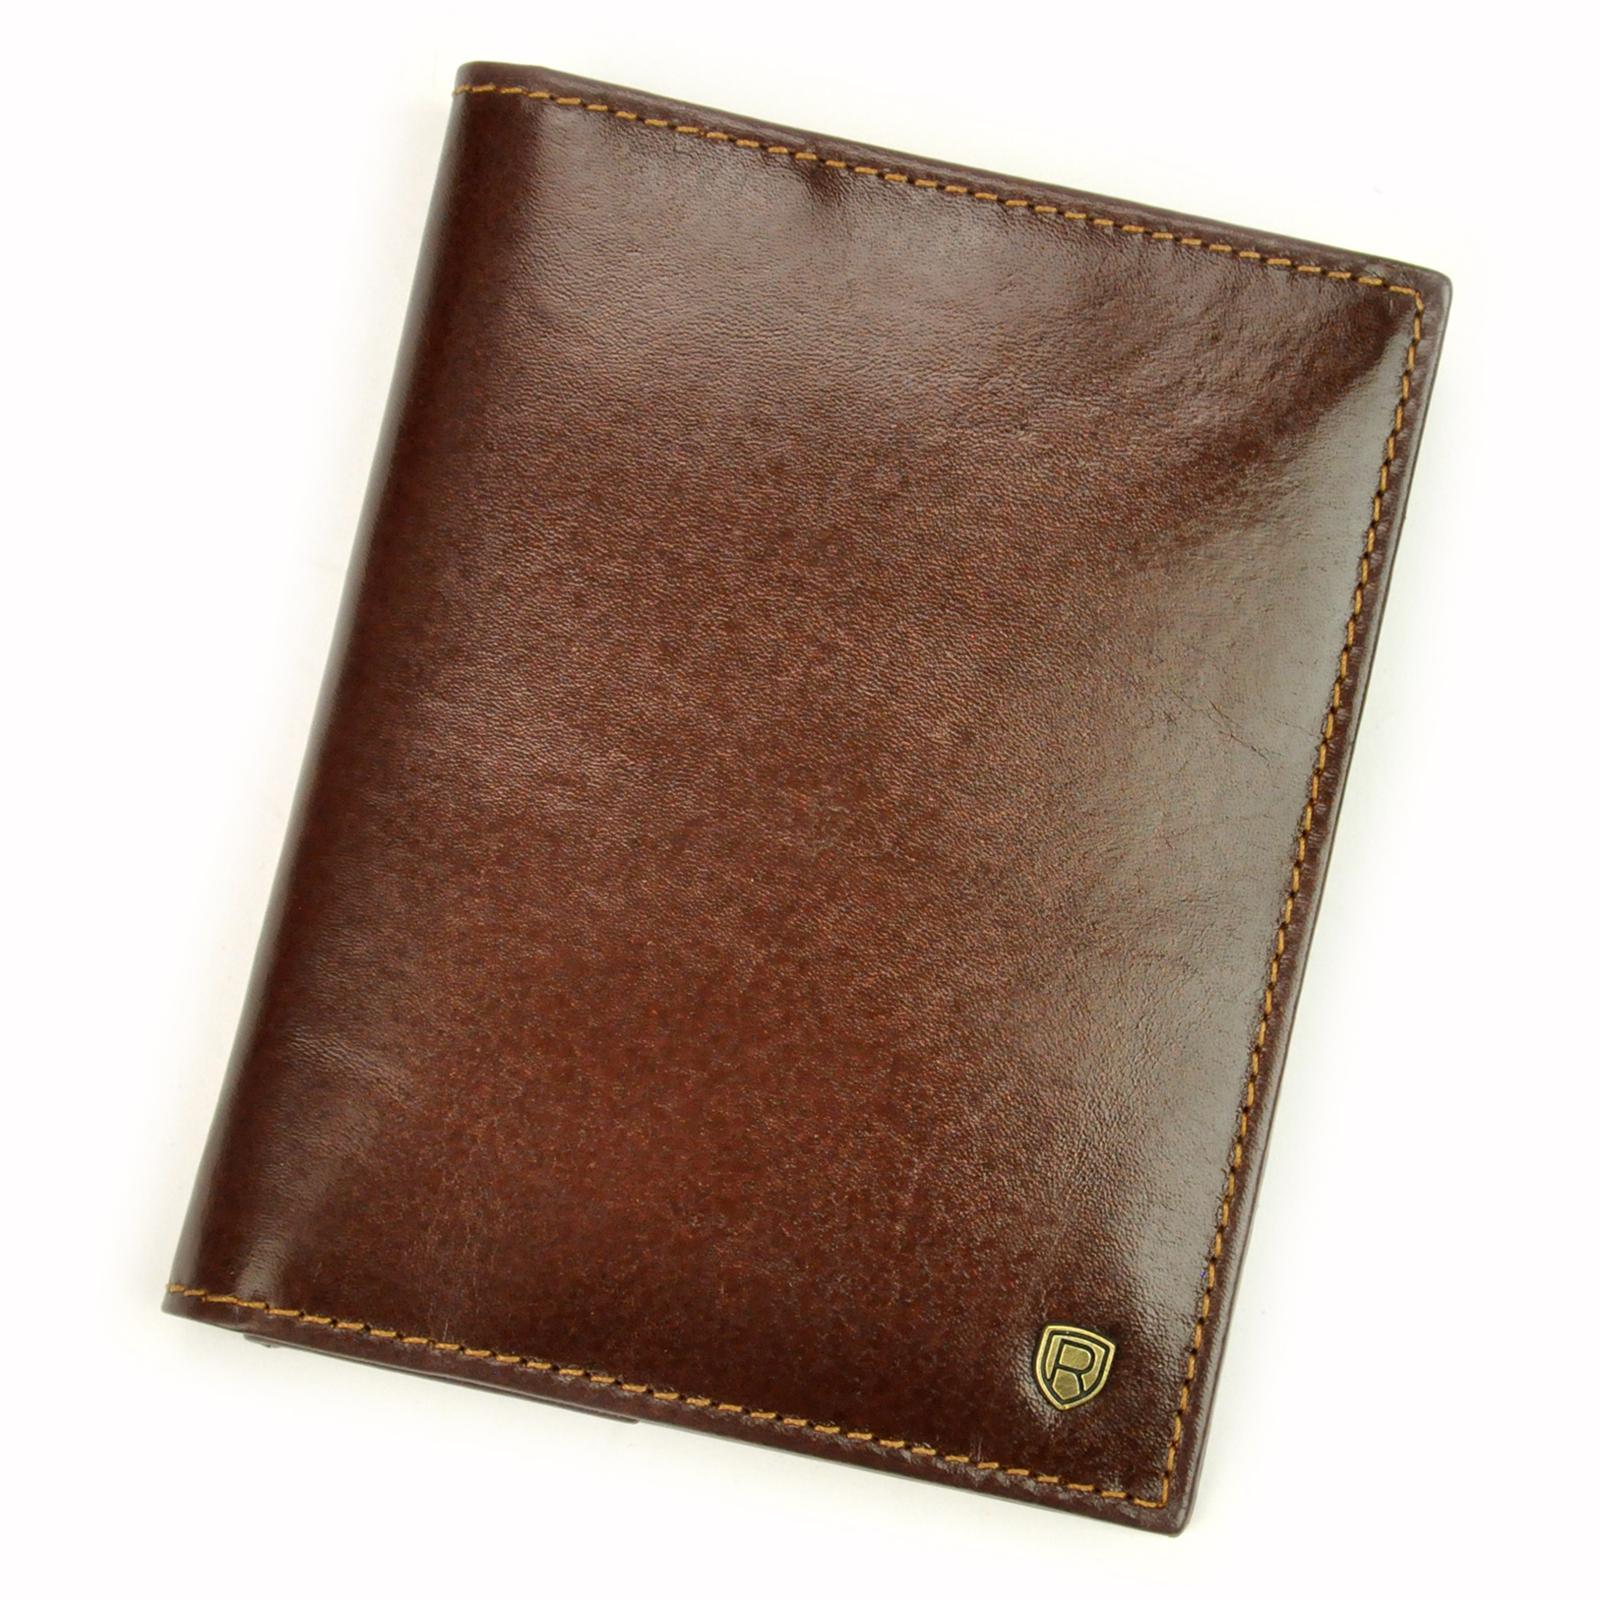 Puzdro na kreditné karty a mince Rovicky N03-RVT RFID